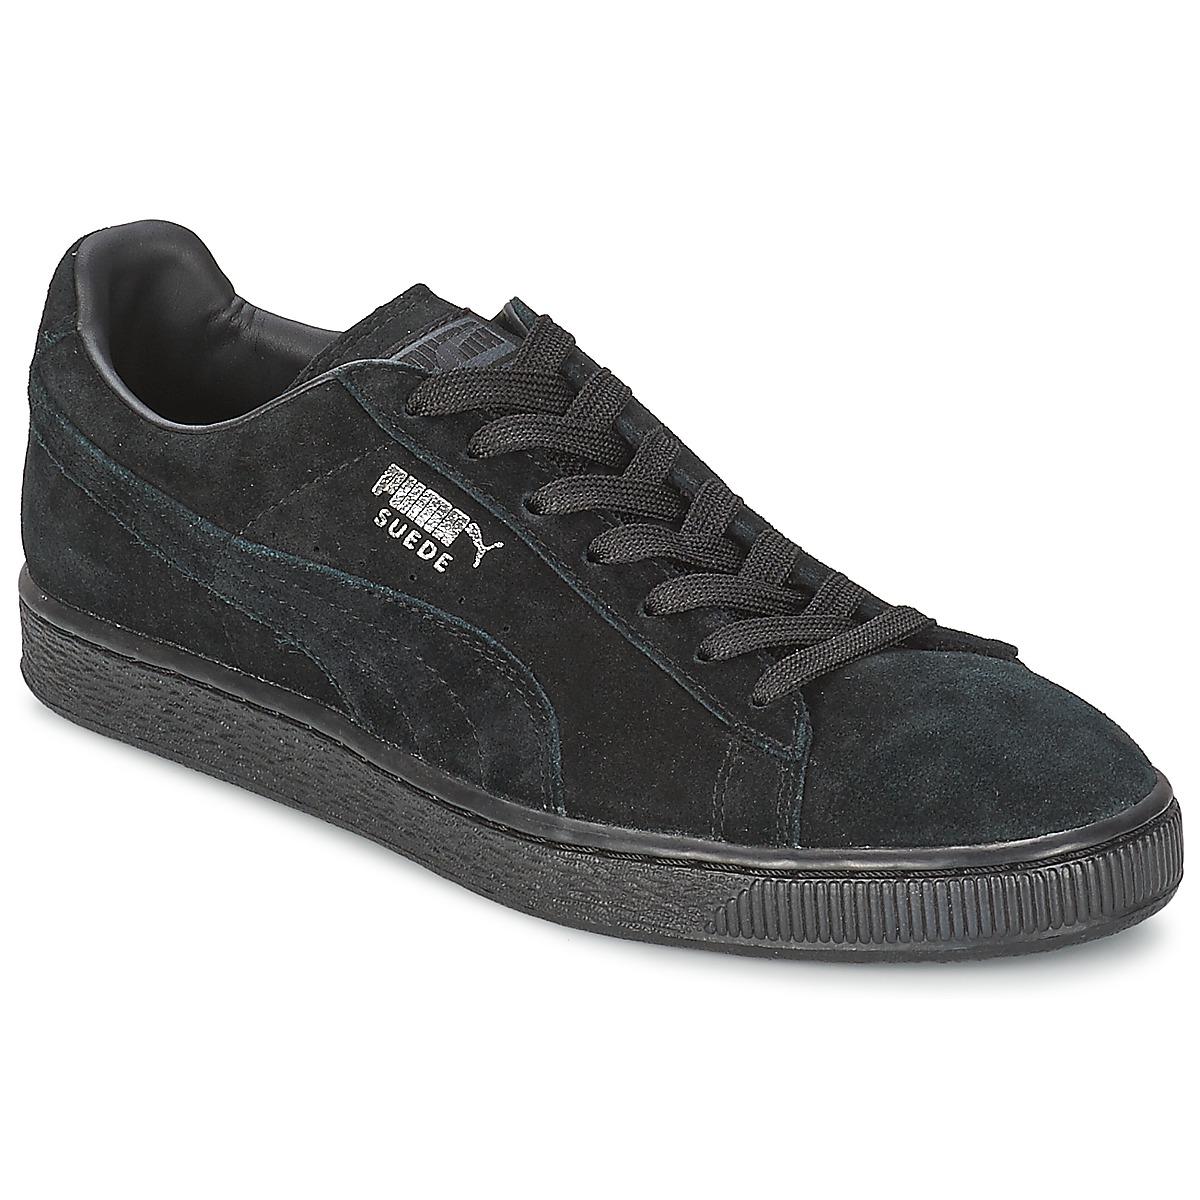 puma suede classic noir gris livraison gratuite avec chaussures baskets. Black Bedroom Furniture Sets. Home Design Ideas